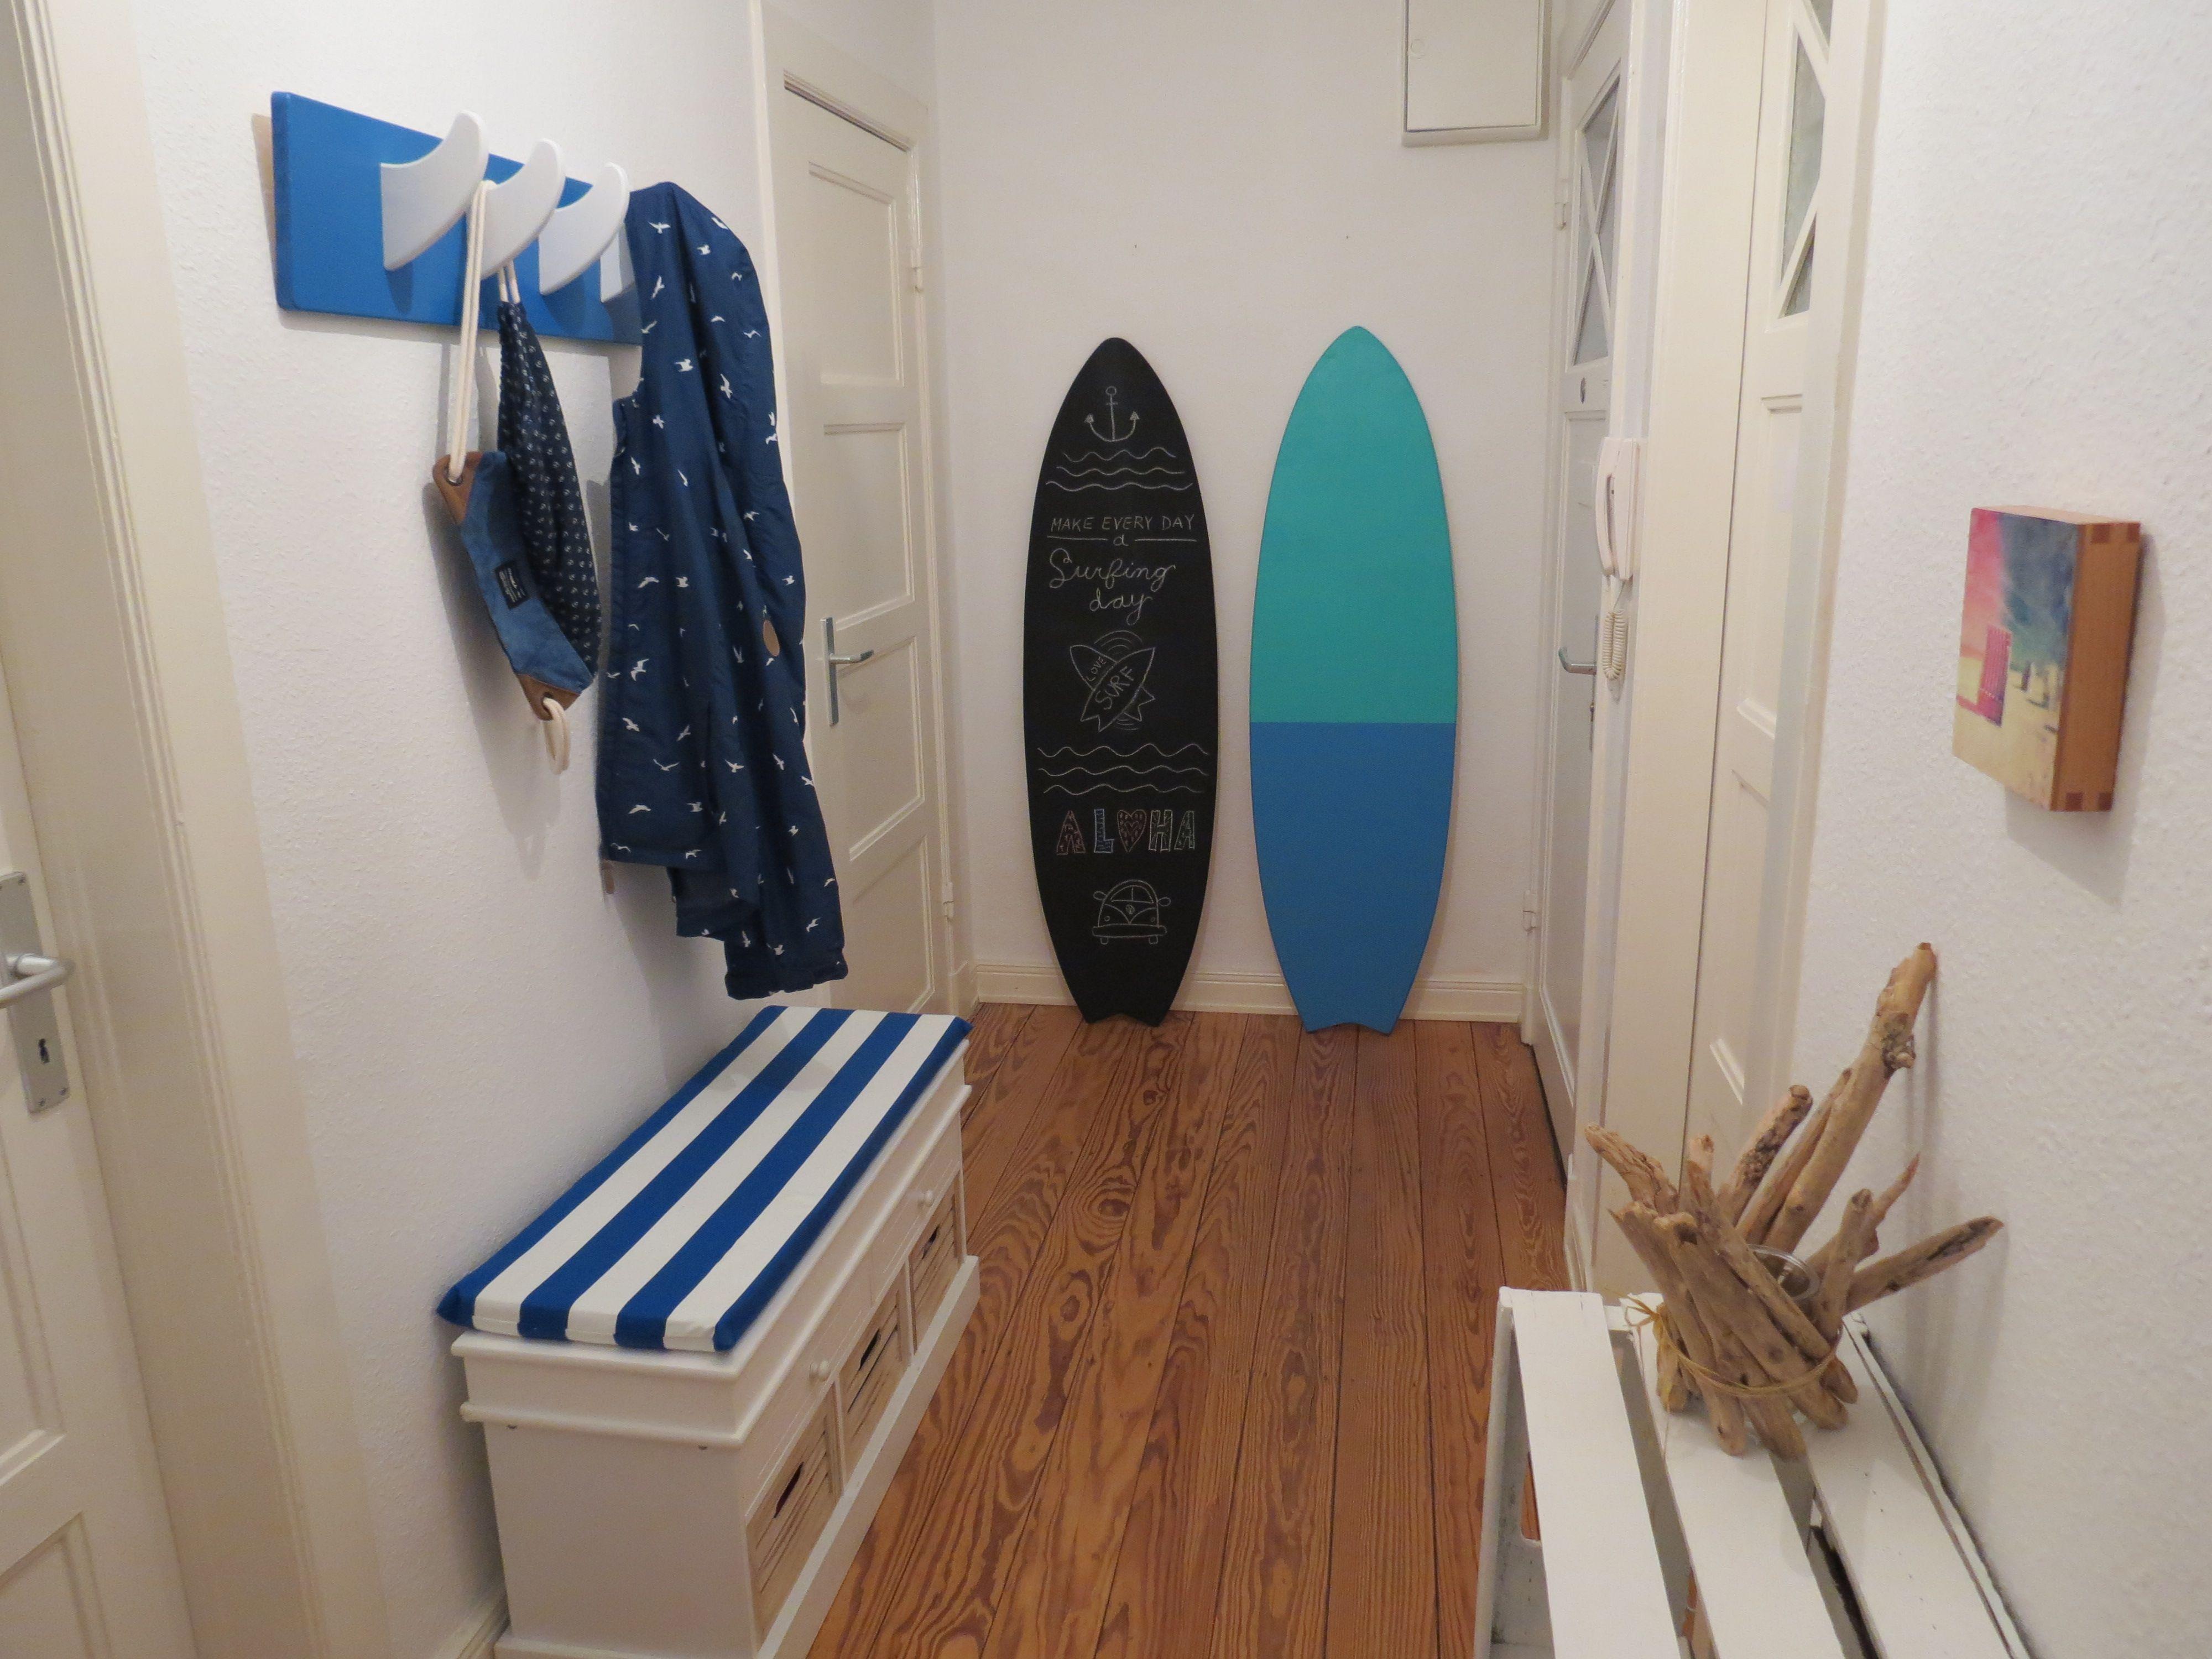 Surf Flair Fur Zuhause Beim Anblick Des Deko Surfbrett Aus Holz Hort Man Direkt Das Meer Und Die Wellen Und Fuhlt Sich Direkt An Surfboard Surfbrett Zuhause